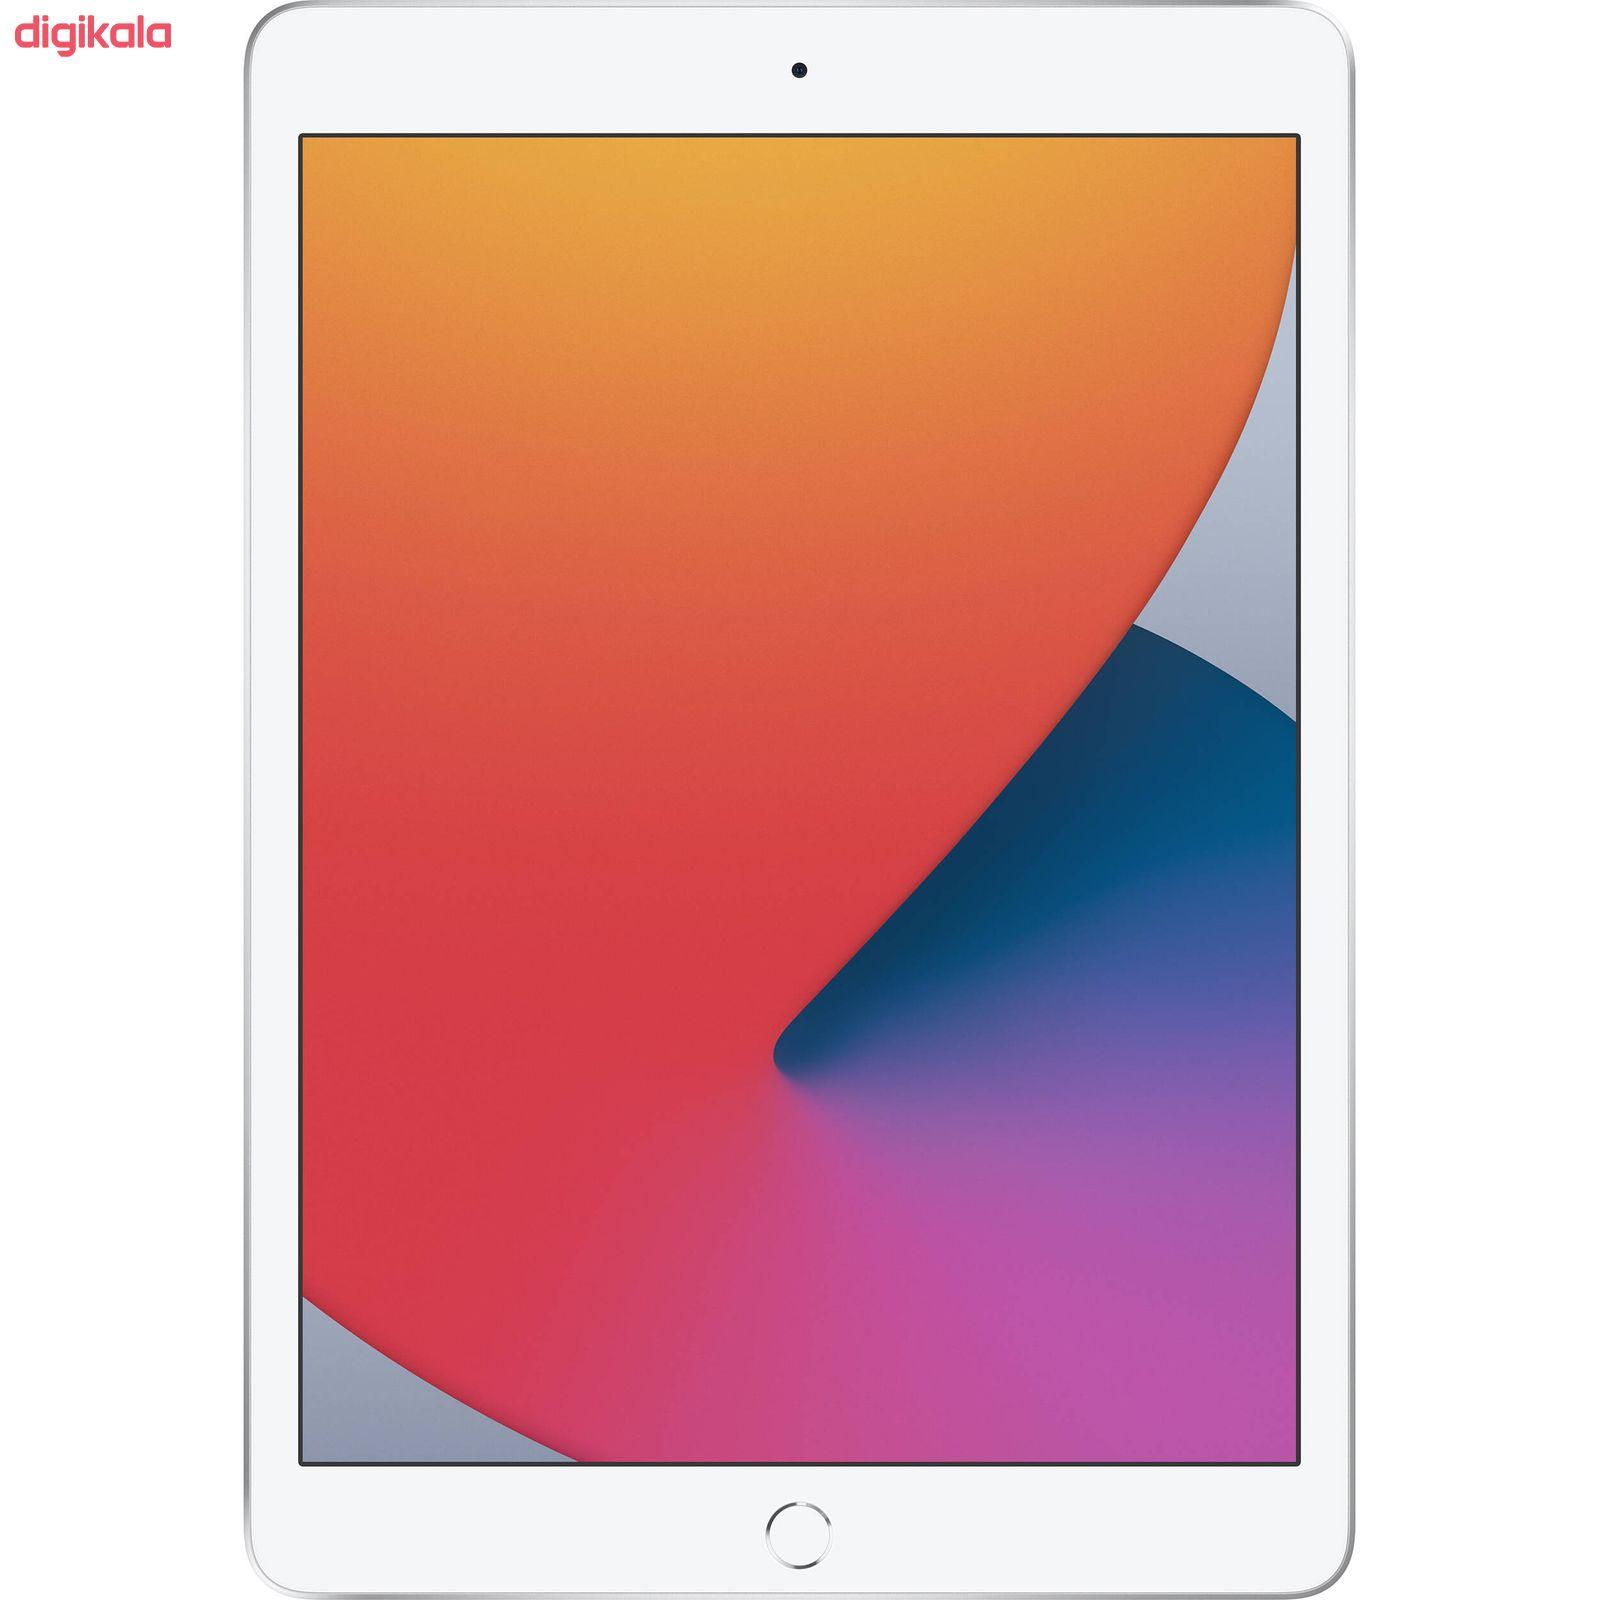 تبلت اپل مدل iPad 10.2 inch 2020 WiFi ظرفیت 128 گیگابایت  main 1 6